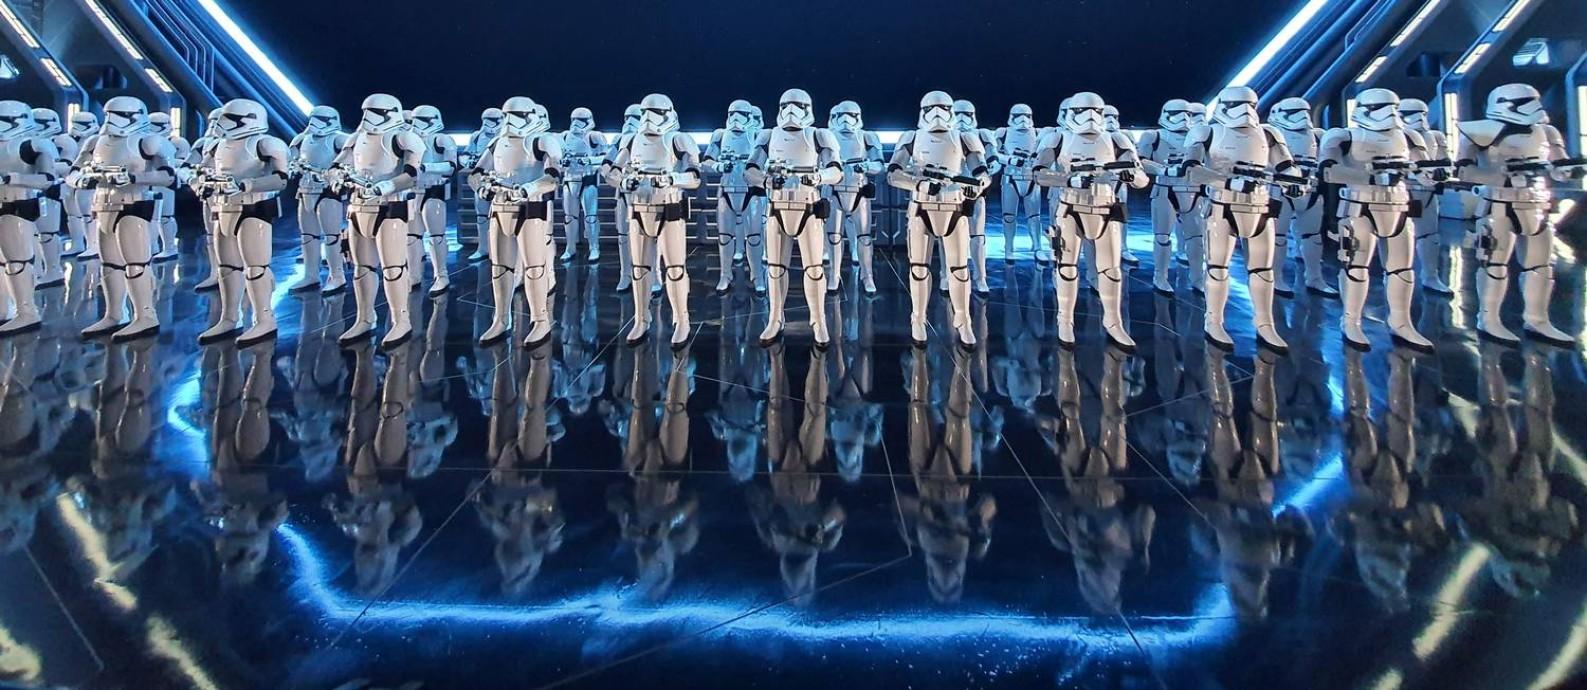 """Stormtroopers enfileirados num dos ambientes de Star Wars: Rise of the Resistance, a mais nova atração da área dedicada a """"Star Wars"""" na Disney de Orlando Foto: Marcelo Balbio / O GLOBO"""